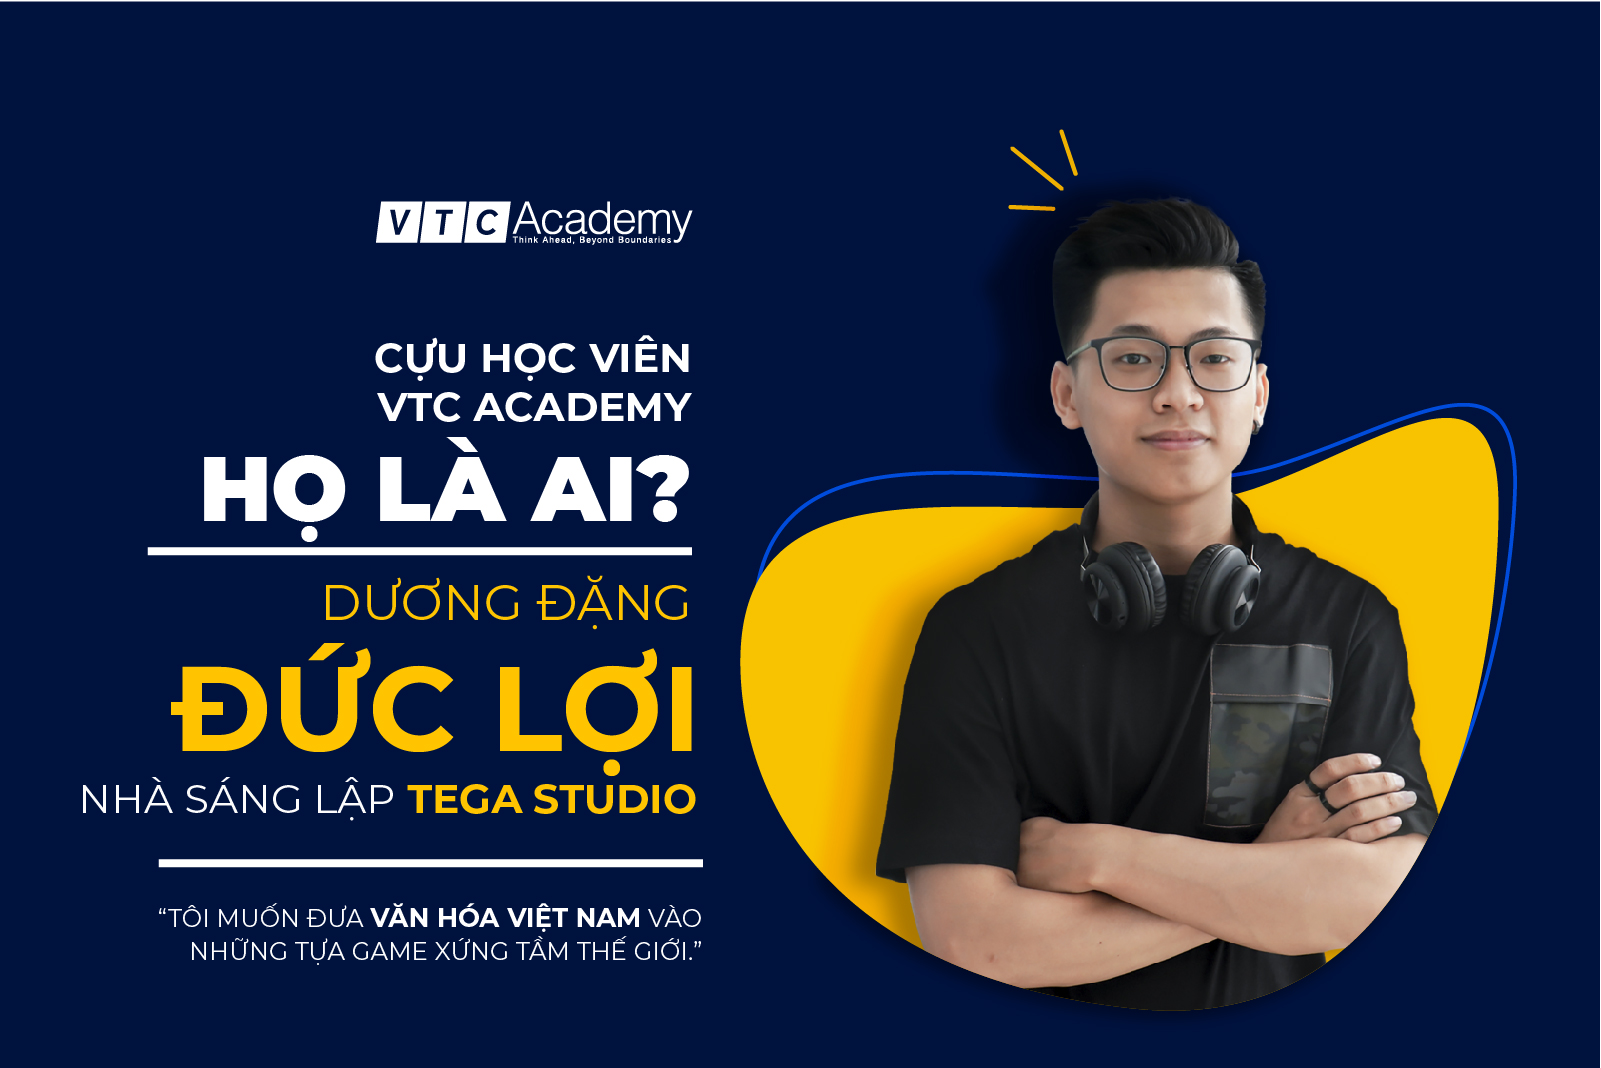 """Nhà sáng lập TEGA Studio: """"Tôi muốn đưa văn hóa Việt vào những tựa game xứng tầm thế giới"""""""